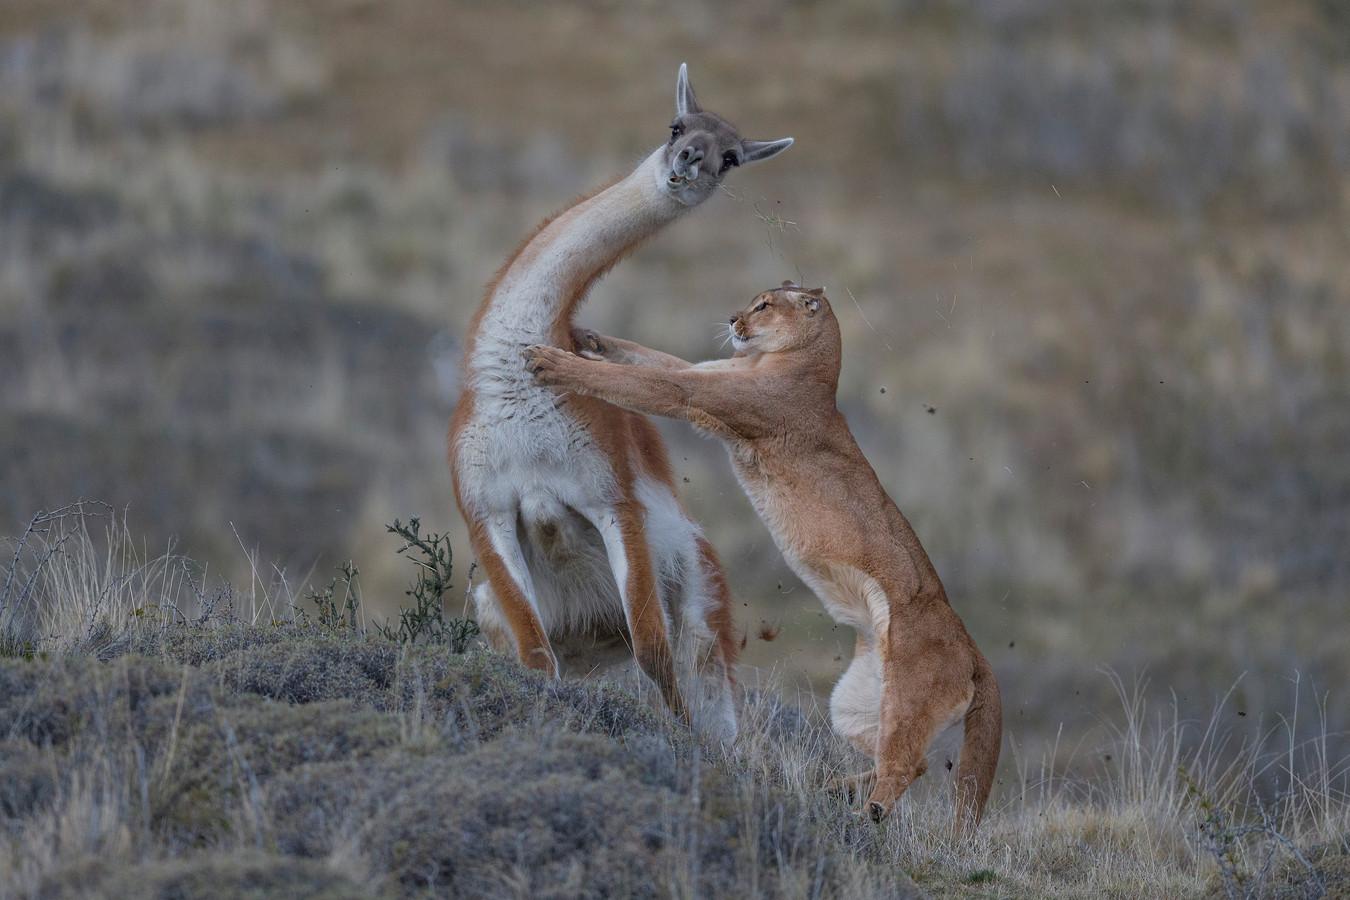 Een vrouwelijke puma valt een volwassen lama aan in Patagonië.